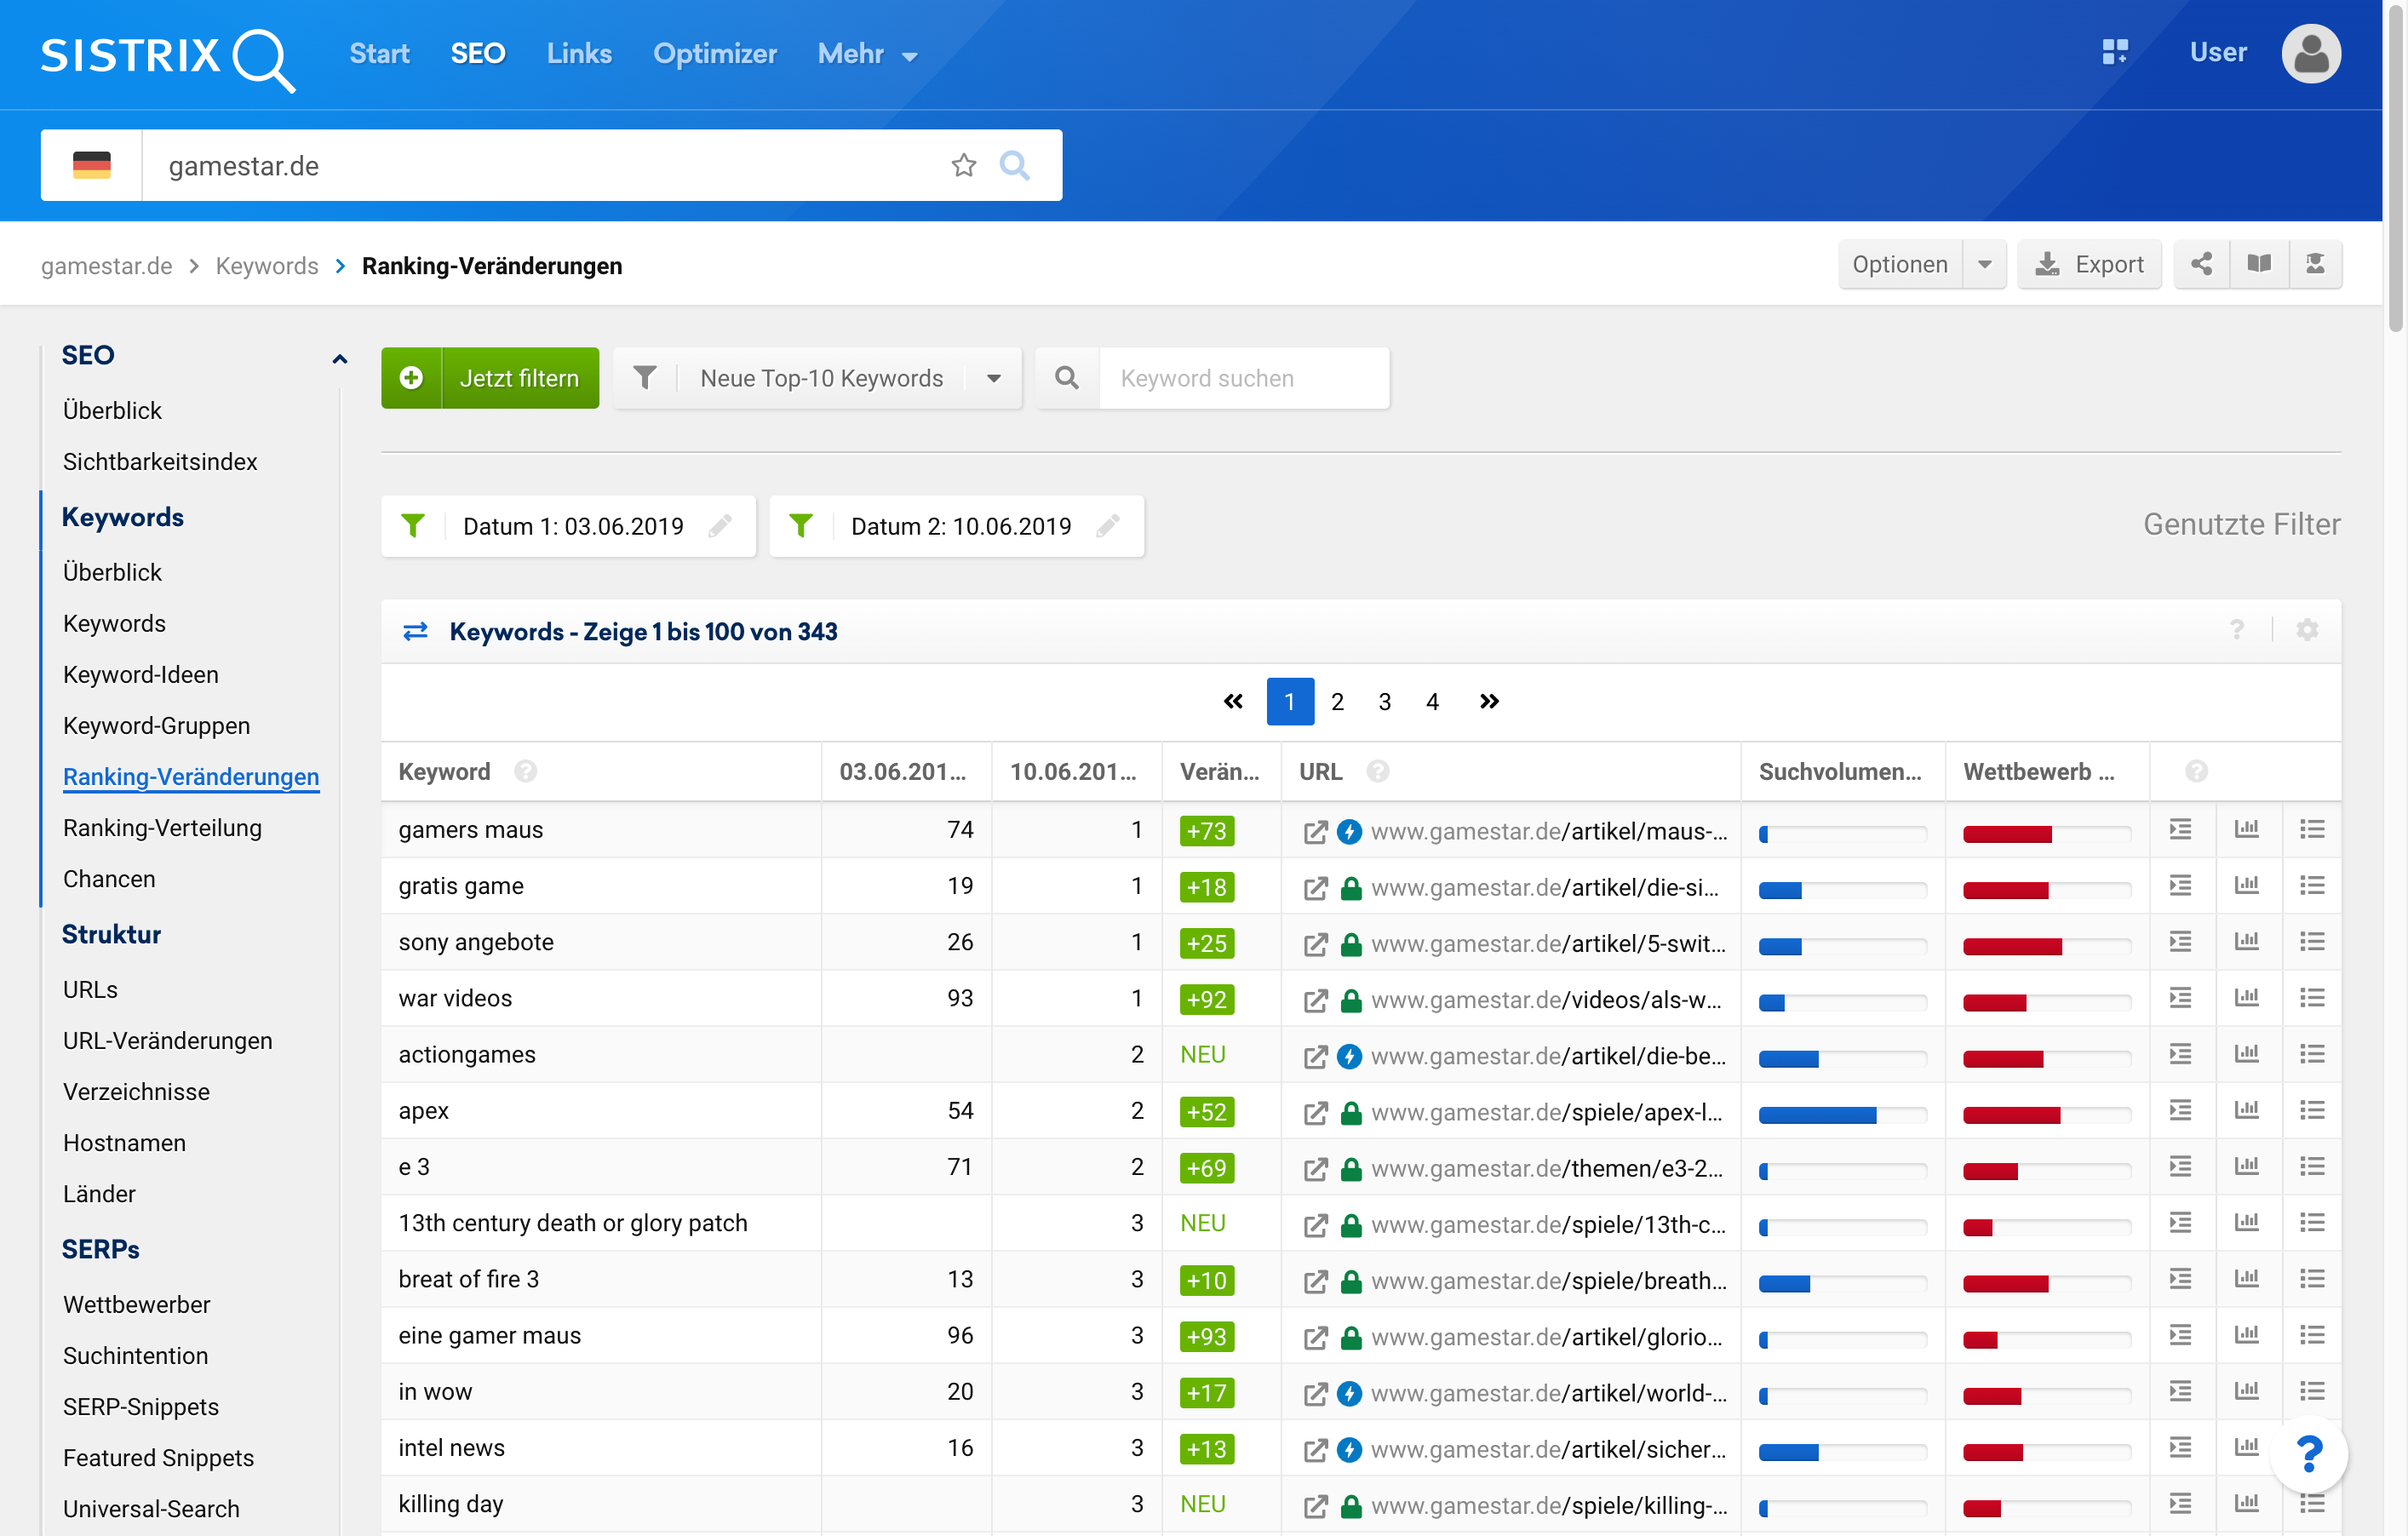 Beispiel der Gegenüberstellung von Rankings einer Domain zu verschiedenen Kalenderwochen inklusive derer zeitlichen Entwicklung